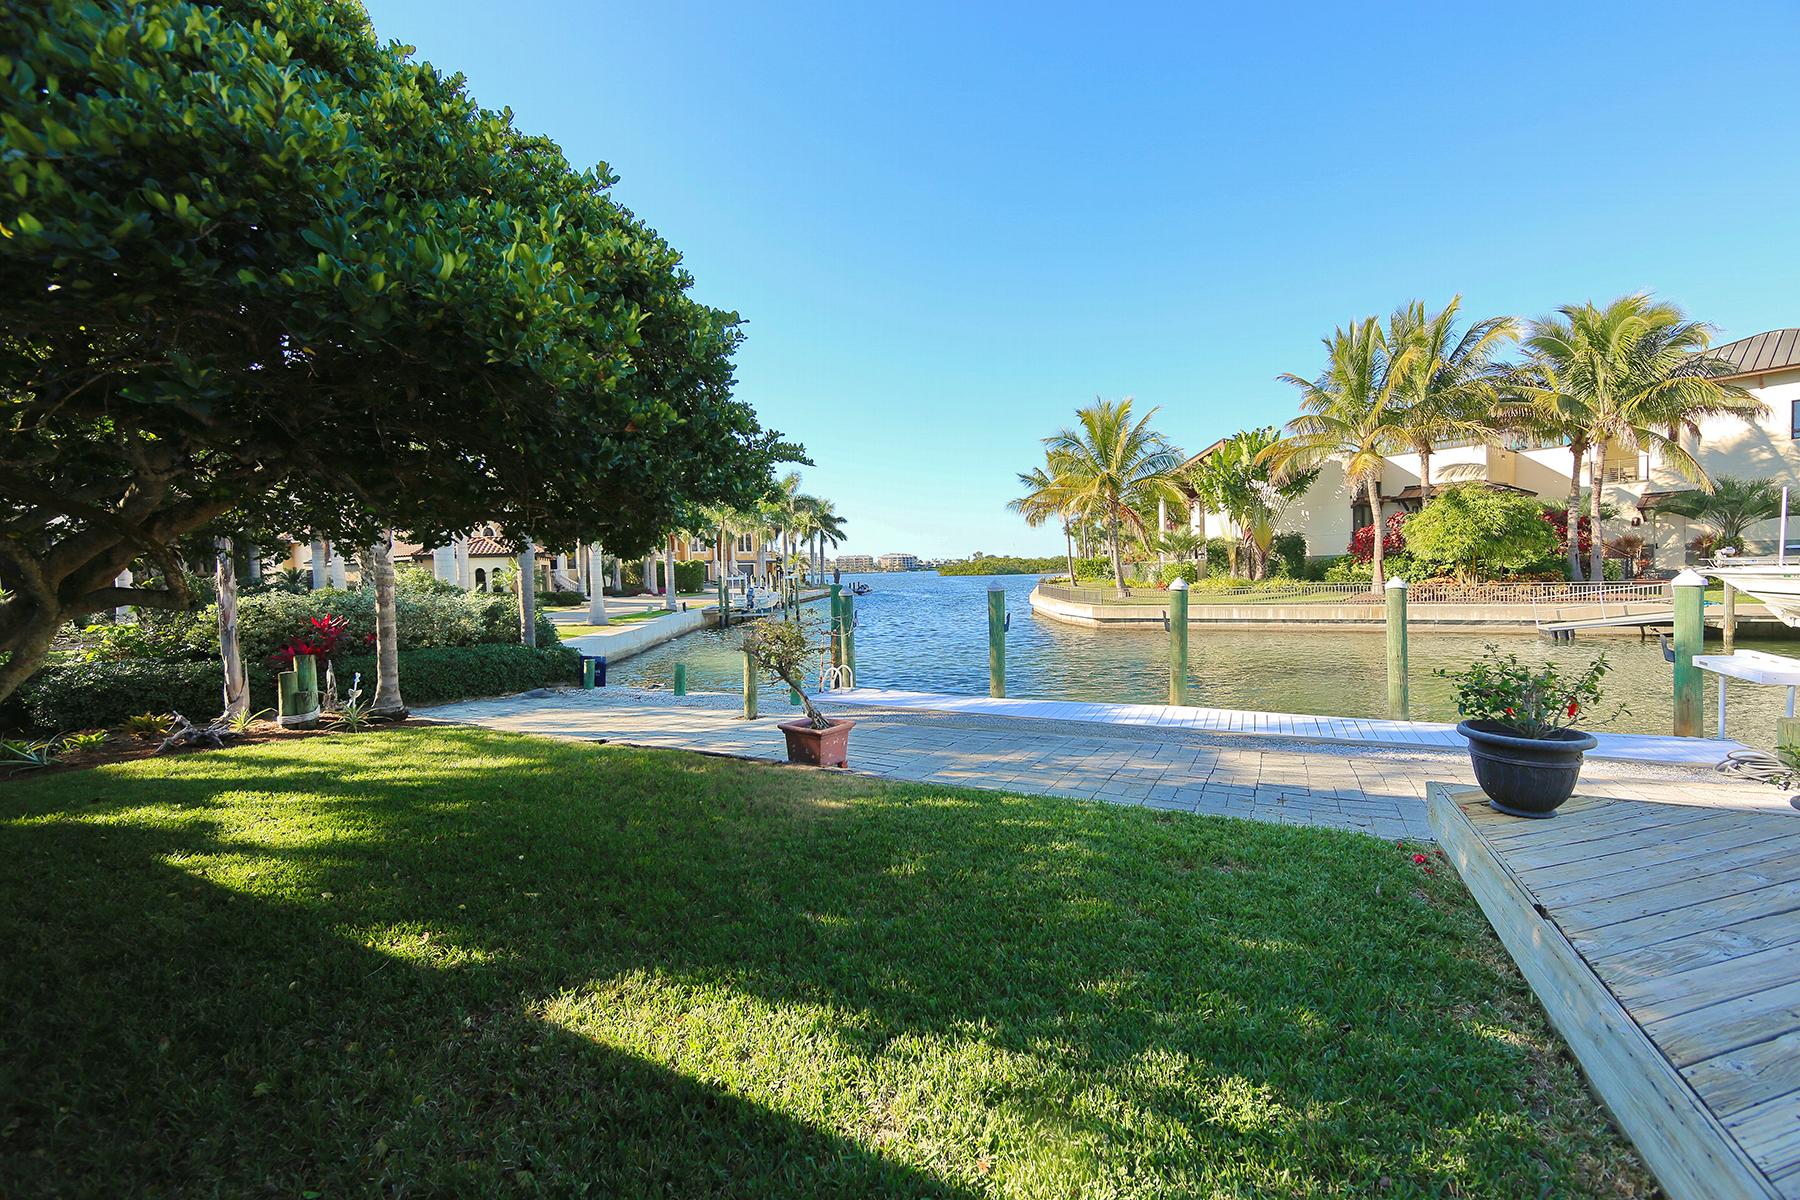 Частный односемейный дом для того Продажа на AQUALANE ESTATES 1501 Ridgewood Ln Sarasota, Флорида 34231 Соединенные Штаты